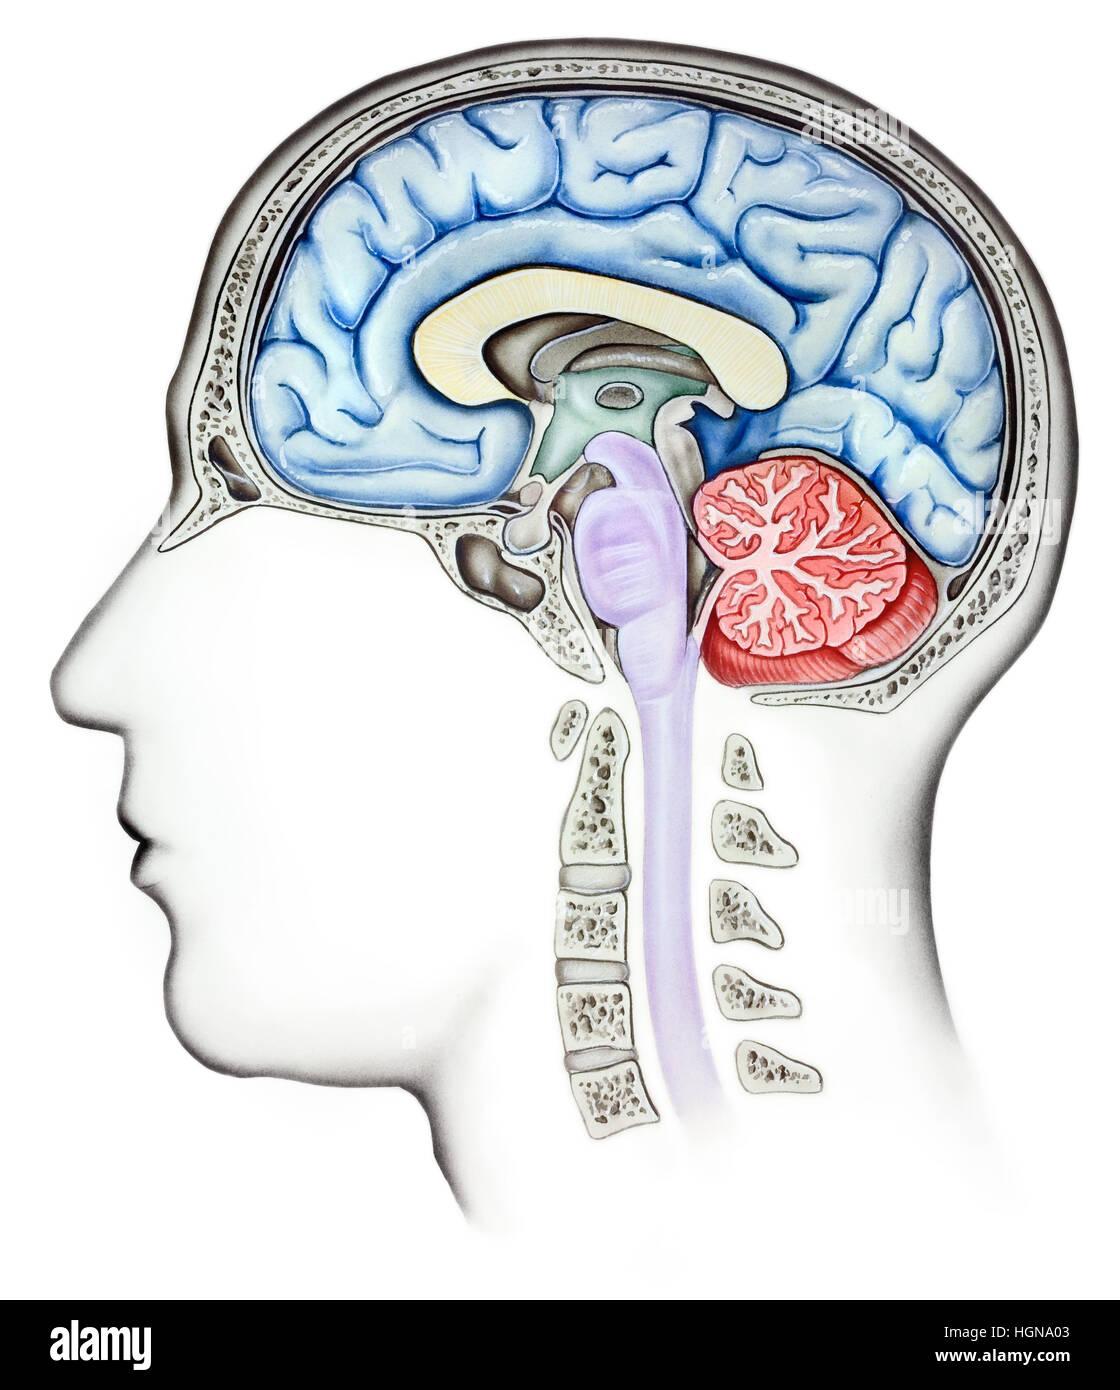 Anatomie des menschlichen Gehirns, Cutaway Seitenansicht. Gezeigt ...